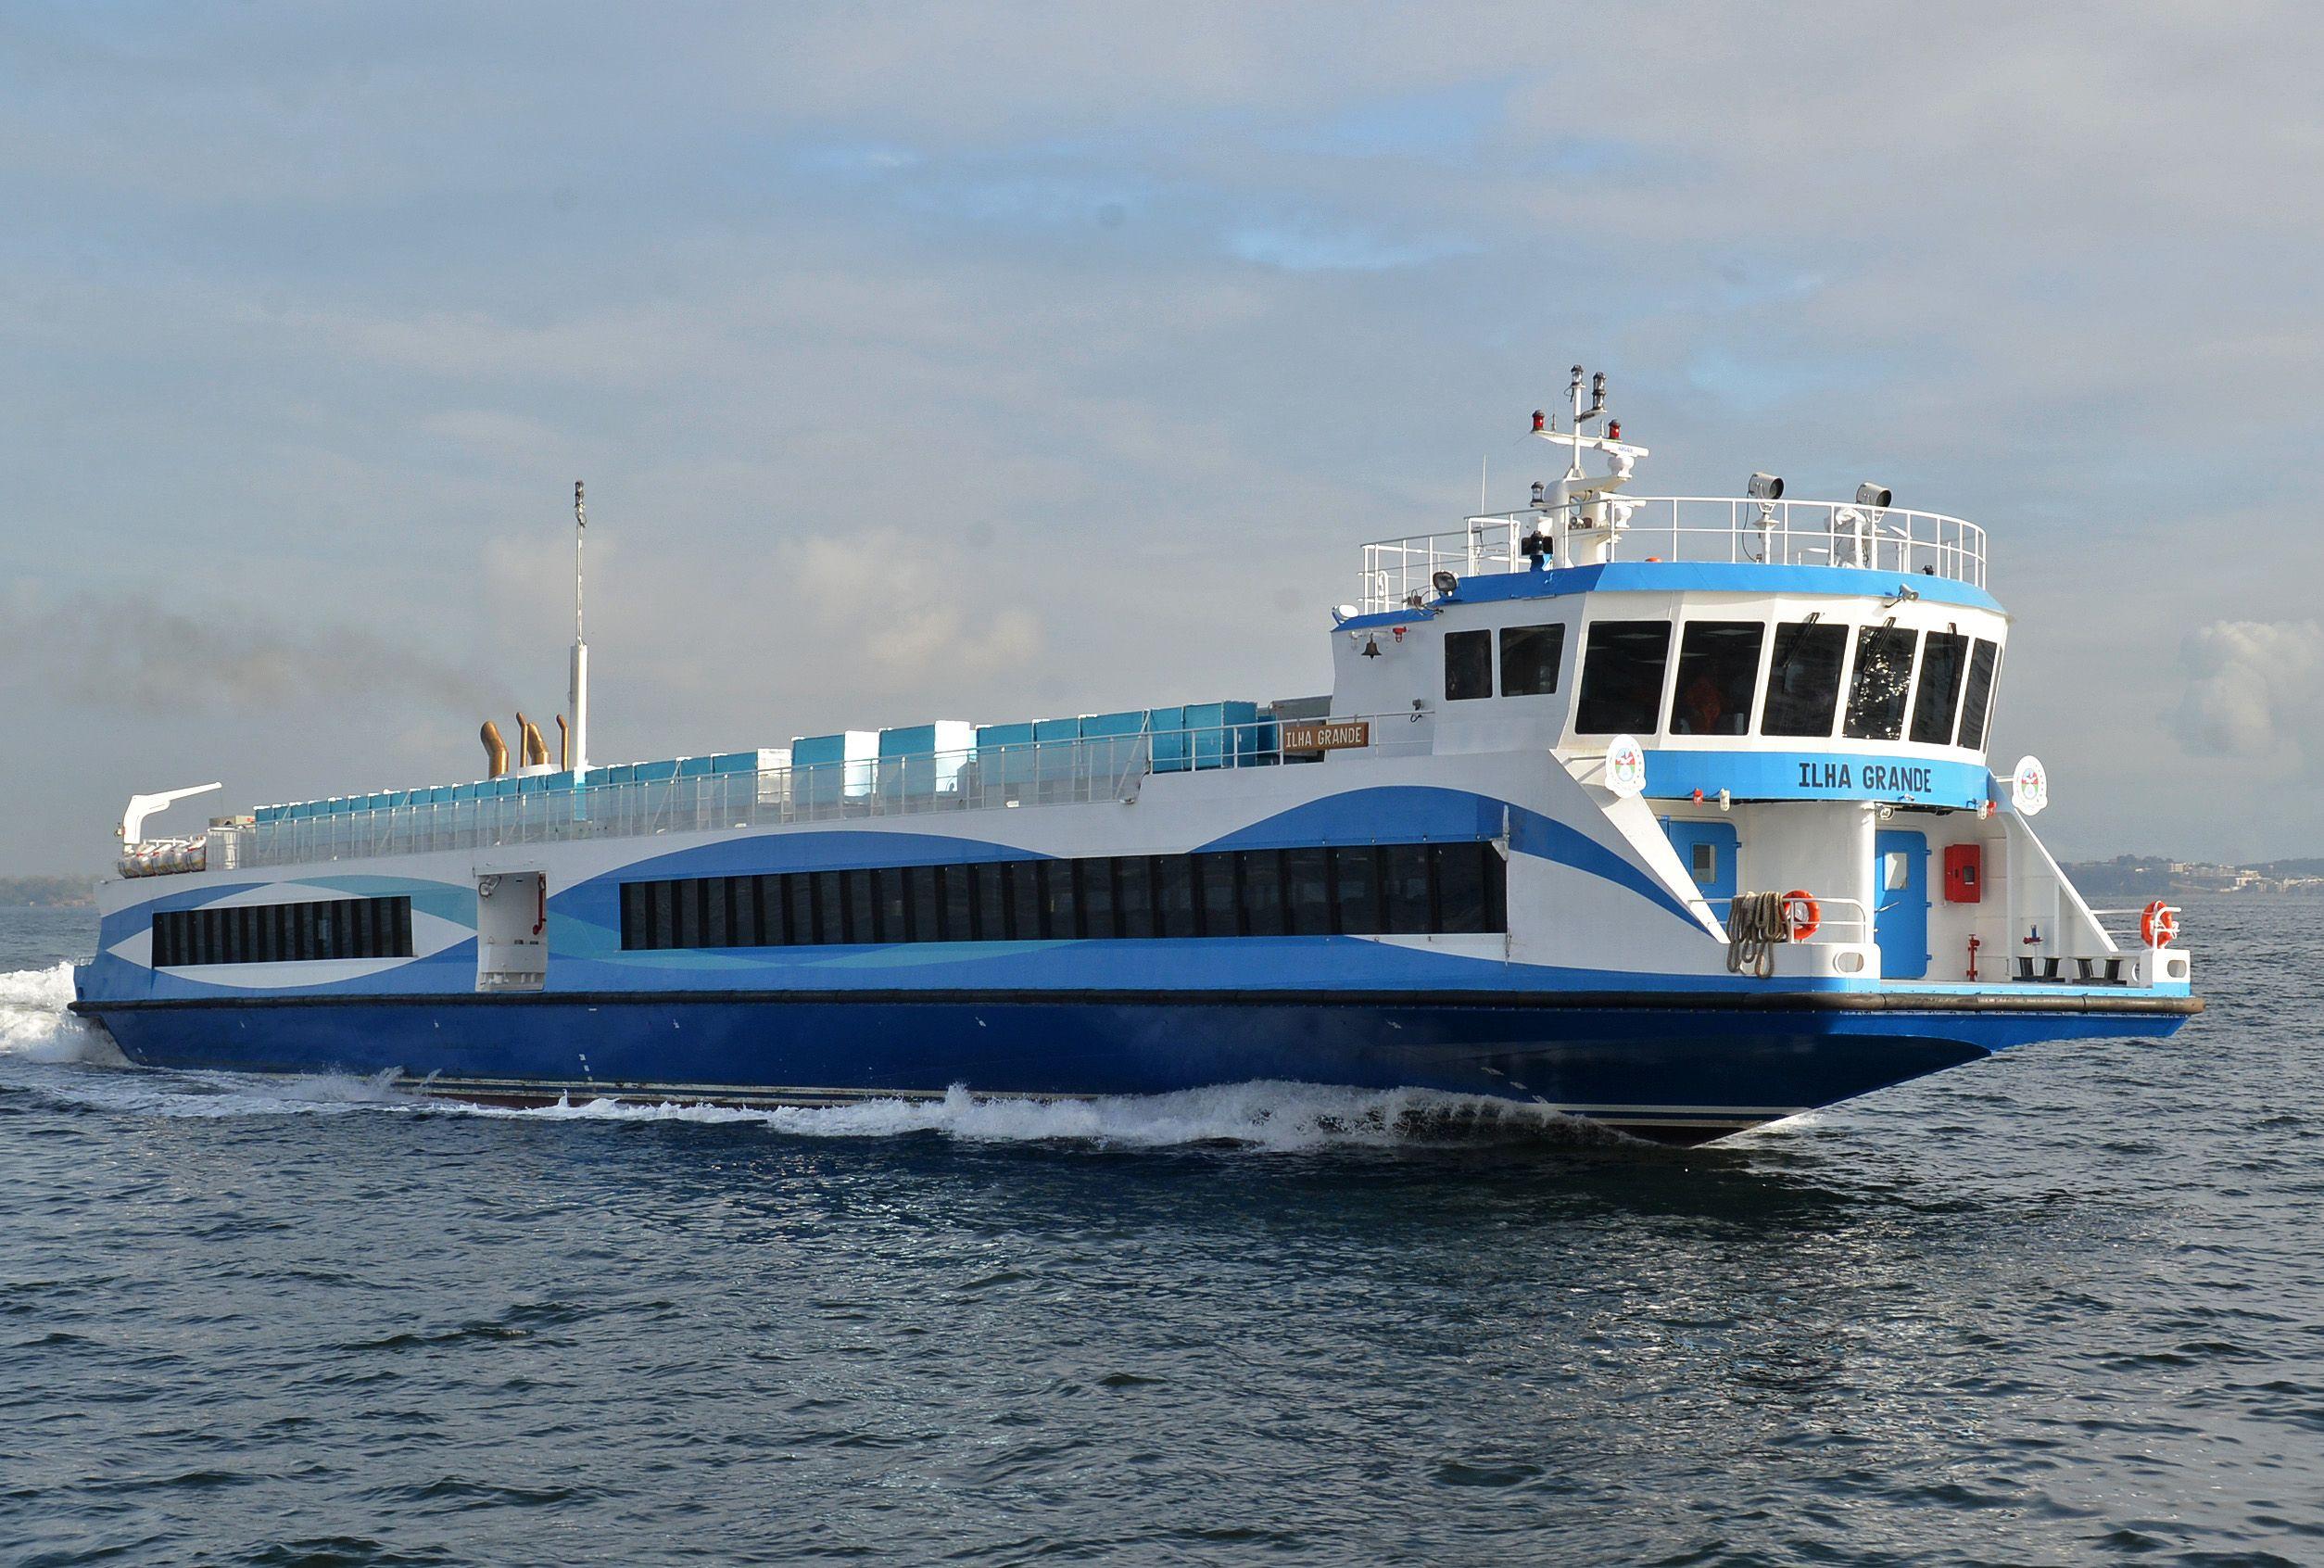 Mais um catamarã entrará em circulação entre Rio Niterói  #2A6EA1 2508x1692 Banheiro Cadeirante Tamanho